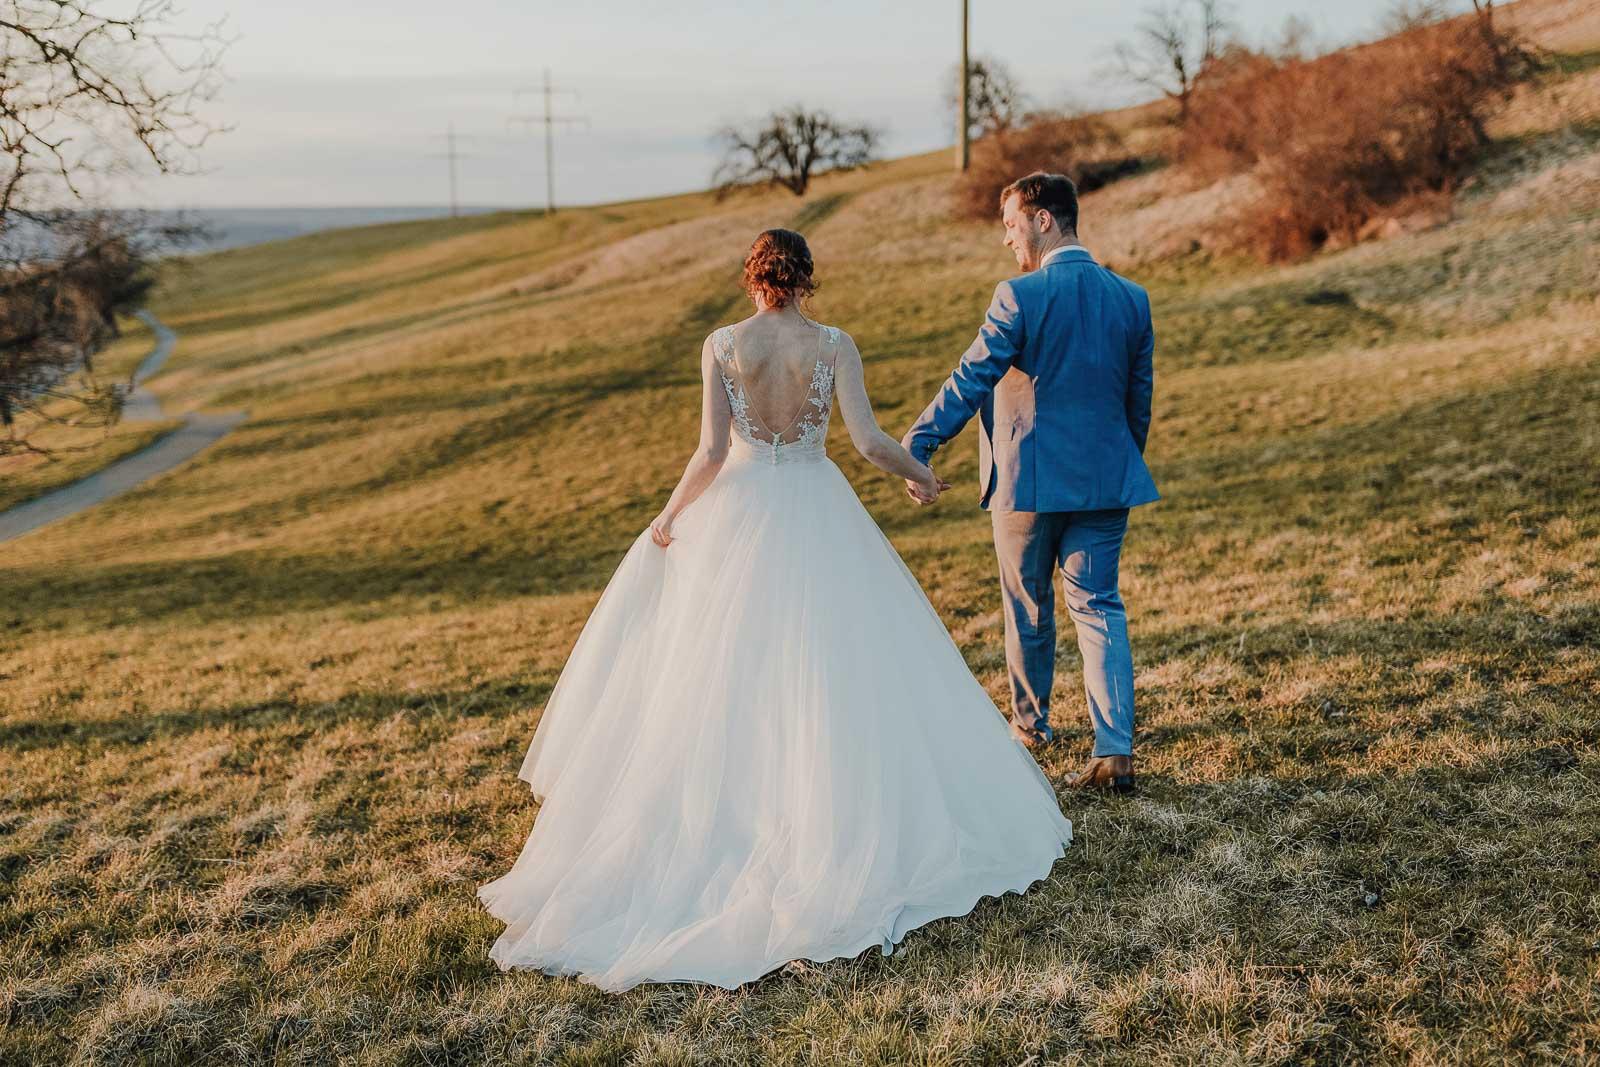 Hochzeit Fotograf Achalmhotel Abend Spaziergang